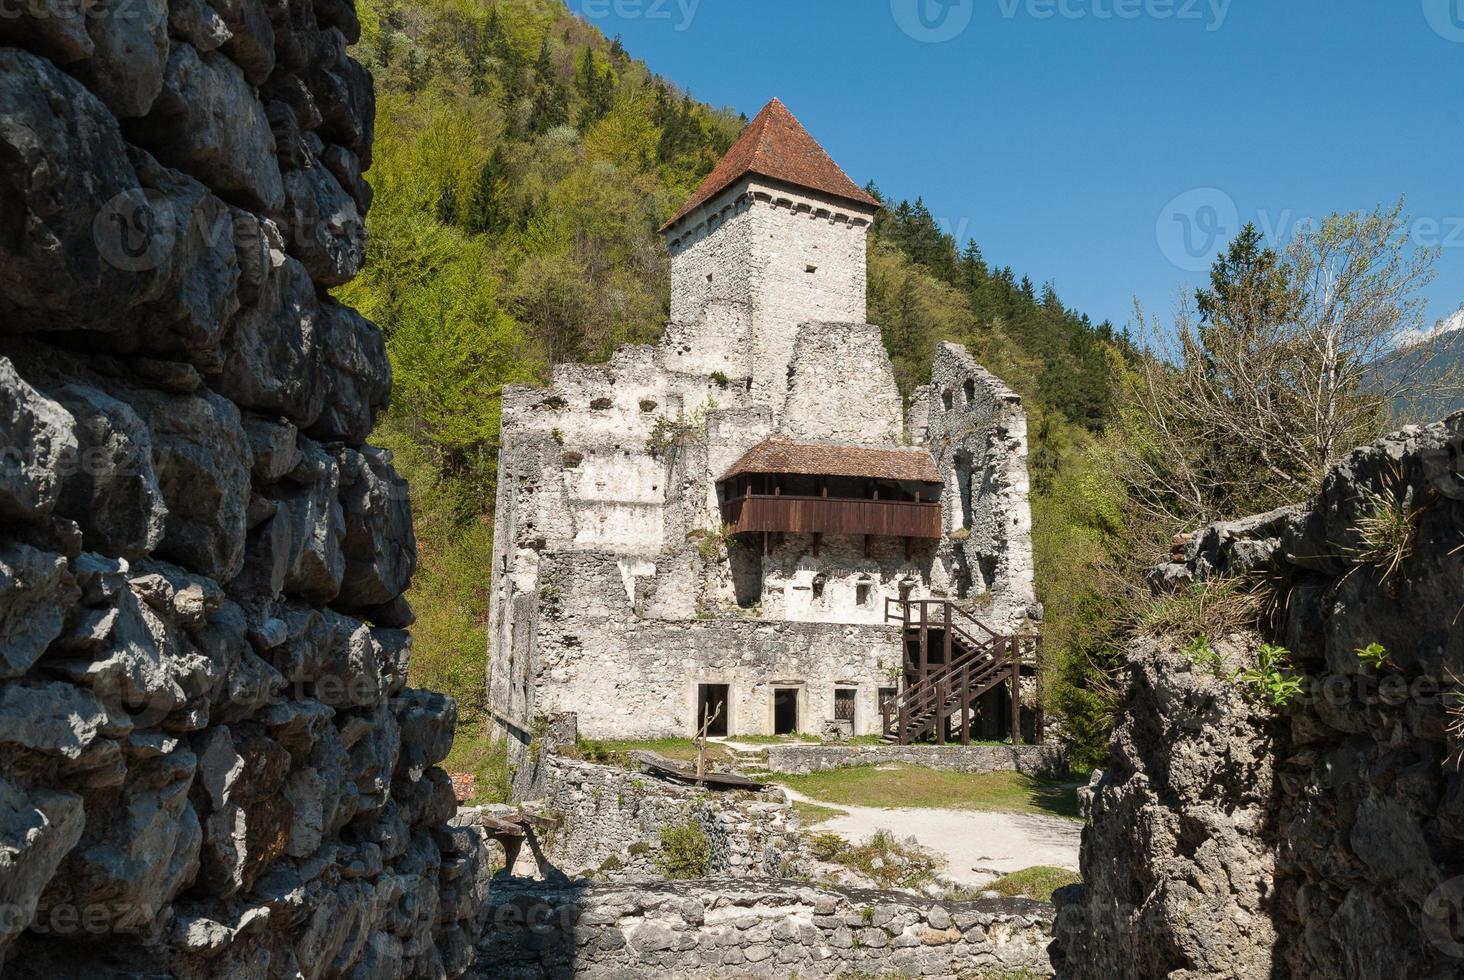 castelo na eslovénia foto